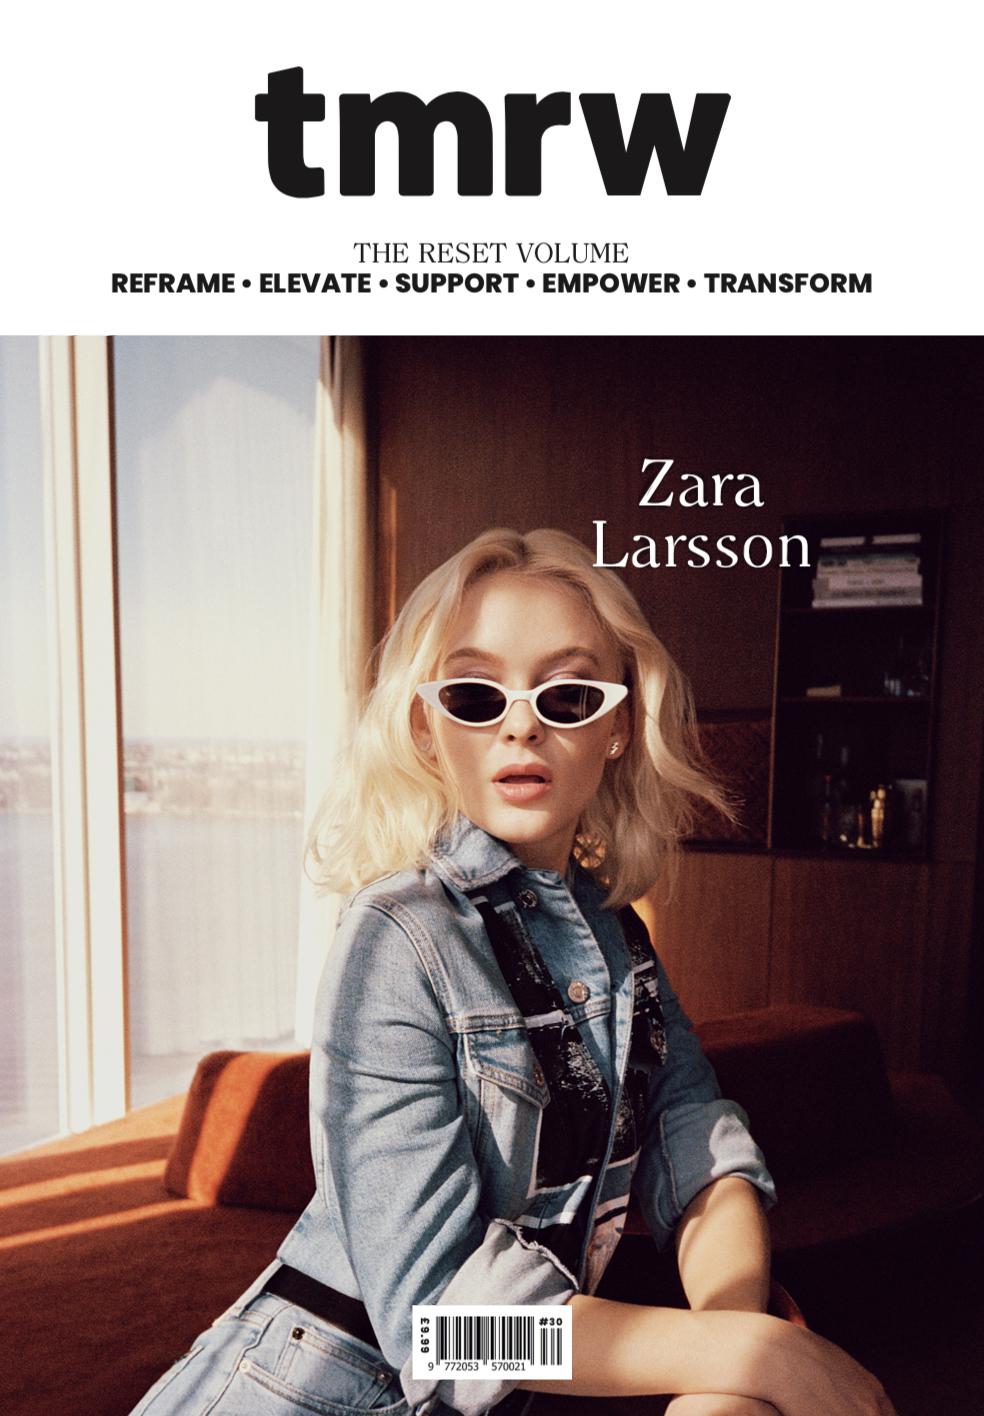 Zara_cover_full_FINAL_FULL.jpg